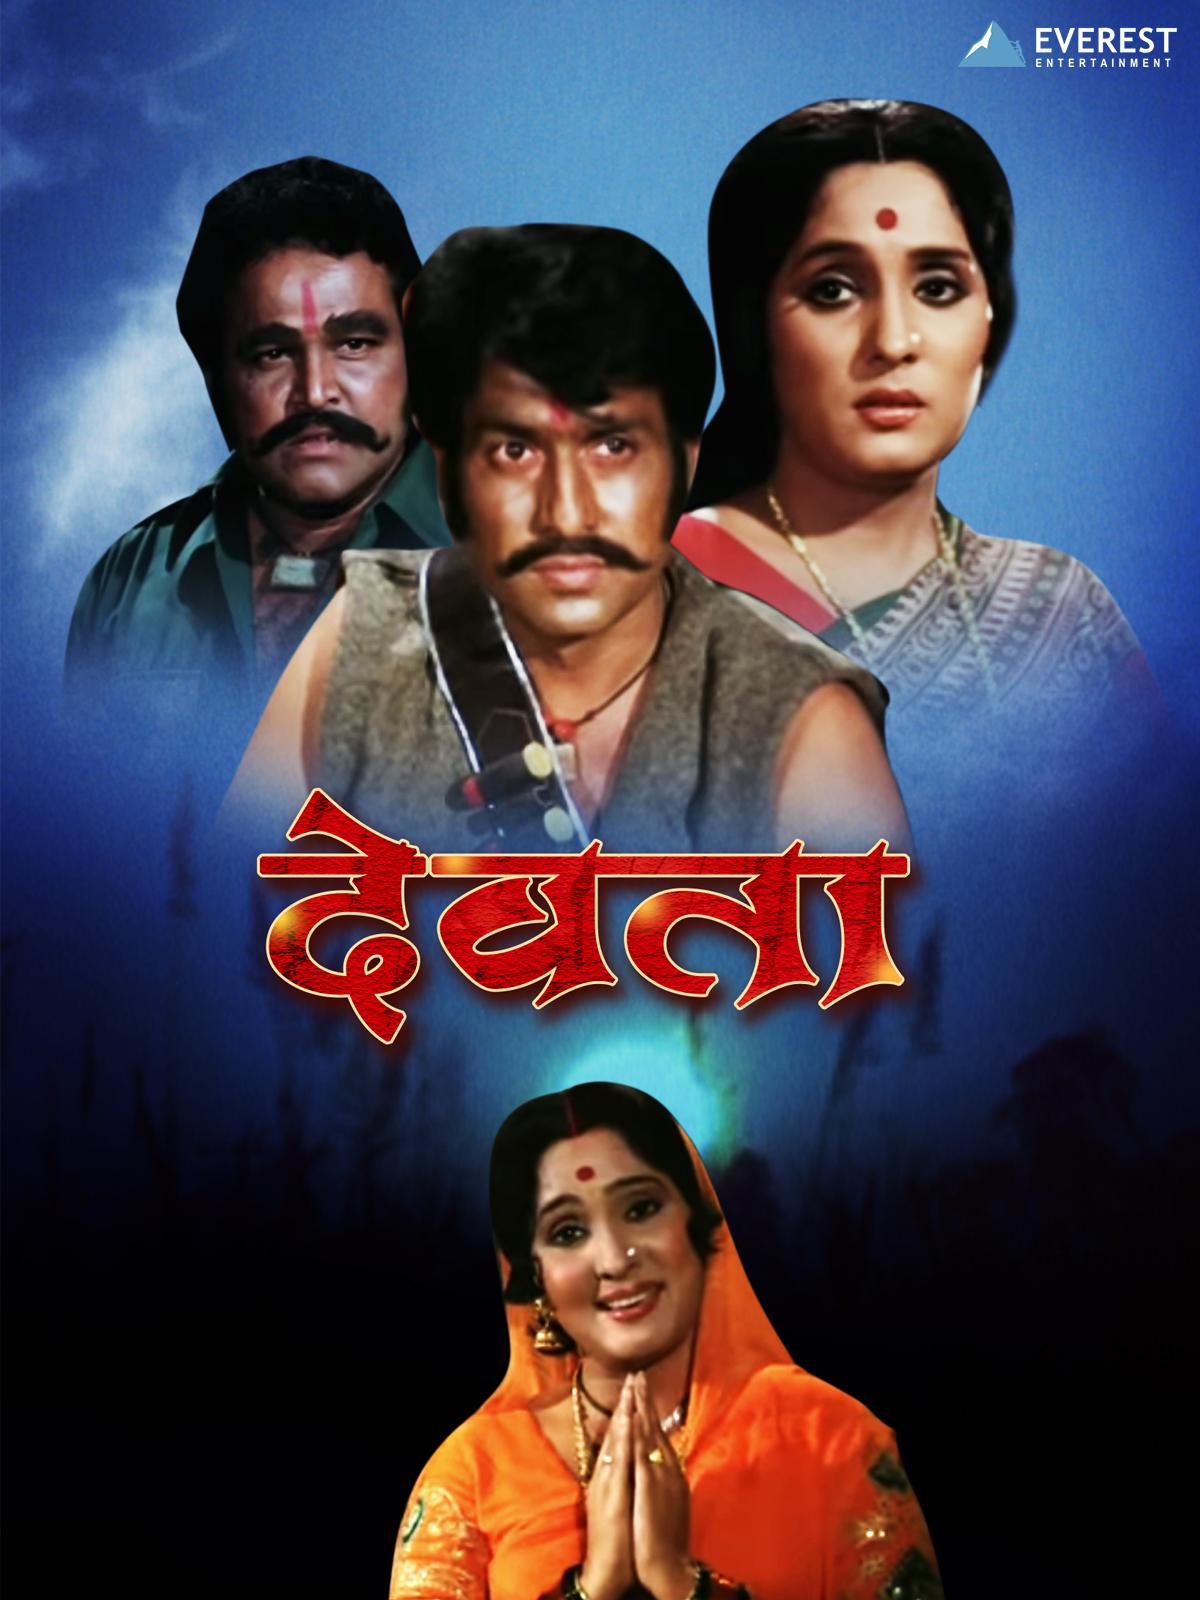 Marathi movie download wap site list | 25 Best WebSites to